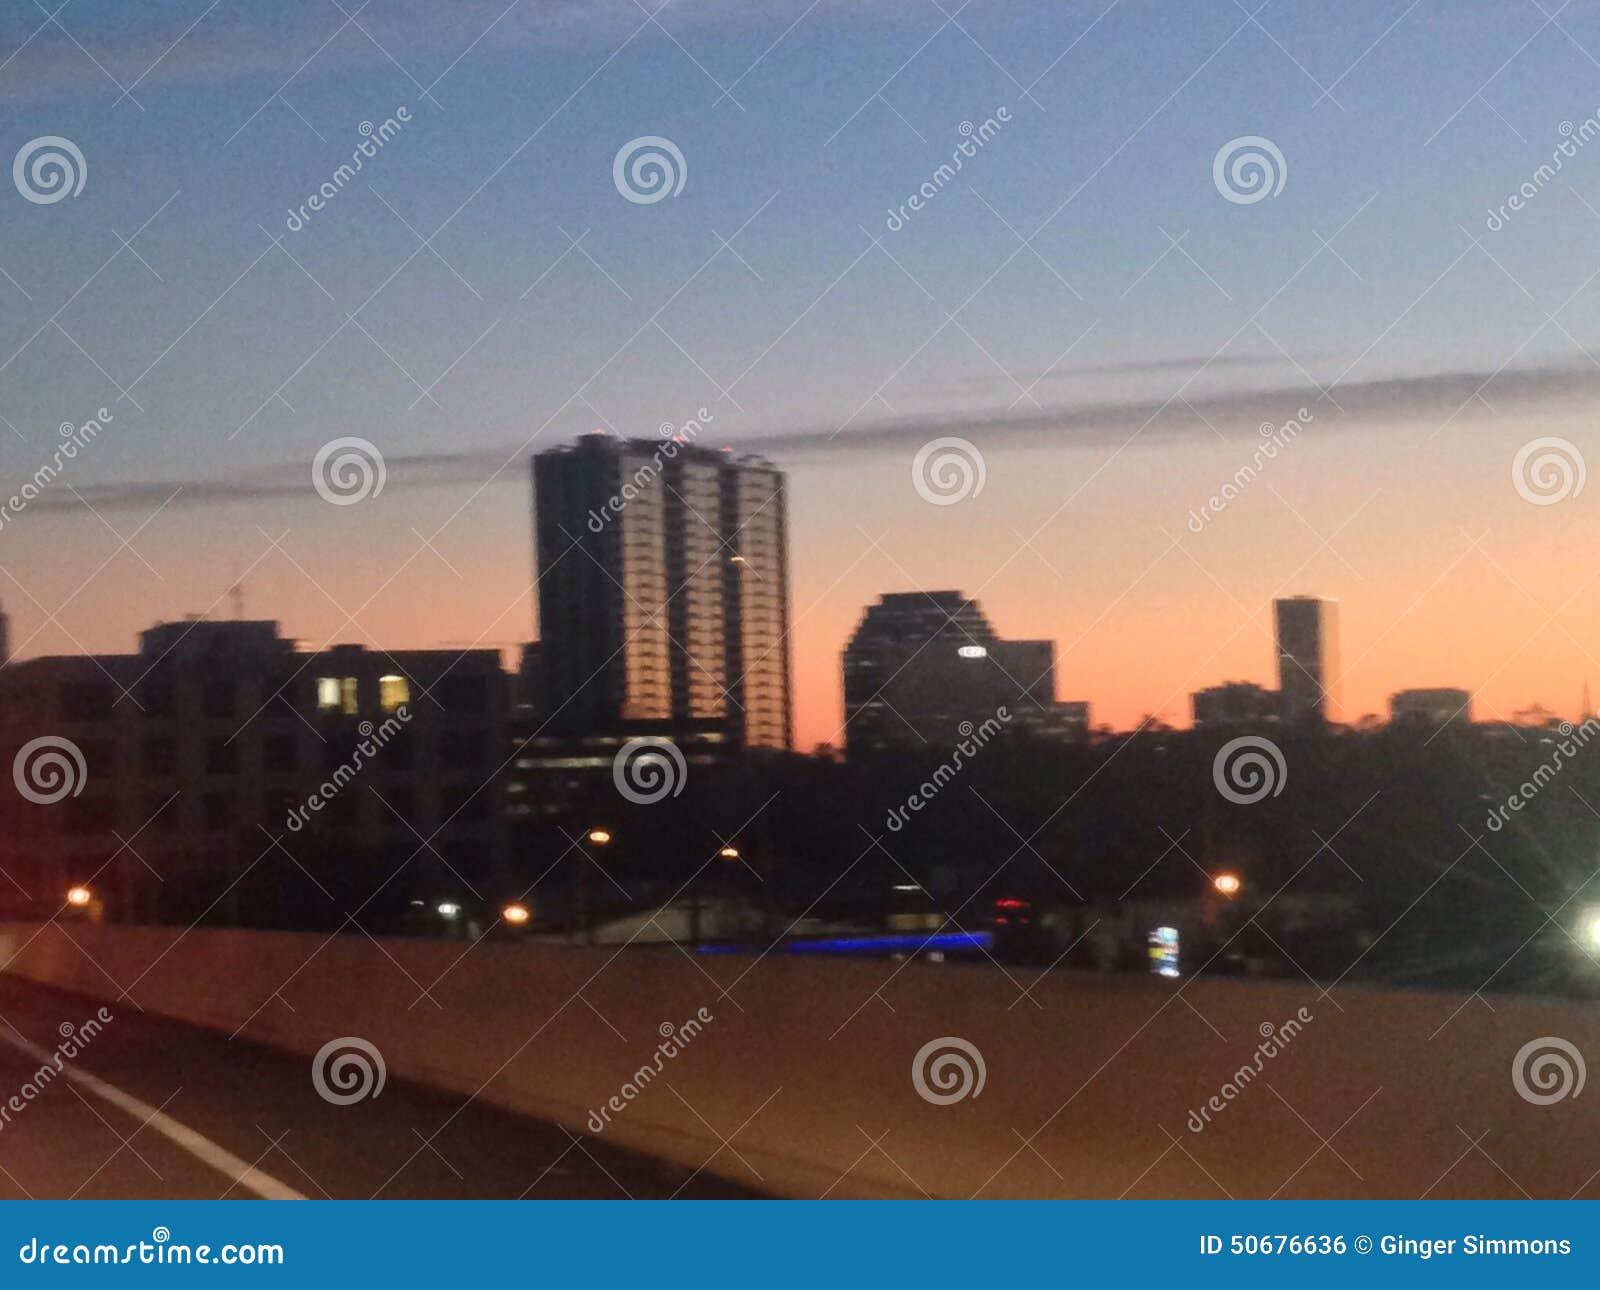 Download 休斯敦地平线 库存照片. 图片 包括有 时间, 夜生活, 都市, 都市风景, 城市, 街市, 休斯敦, 摩天大楼 - 50676636